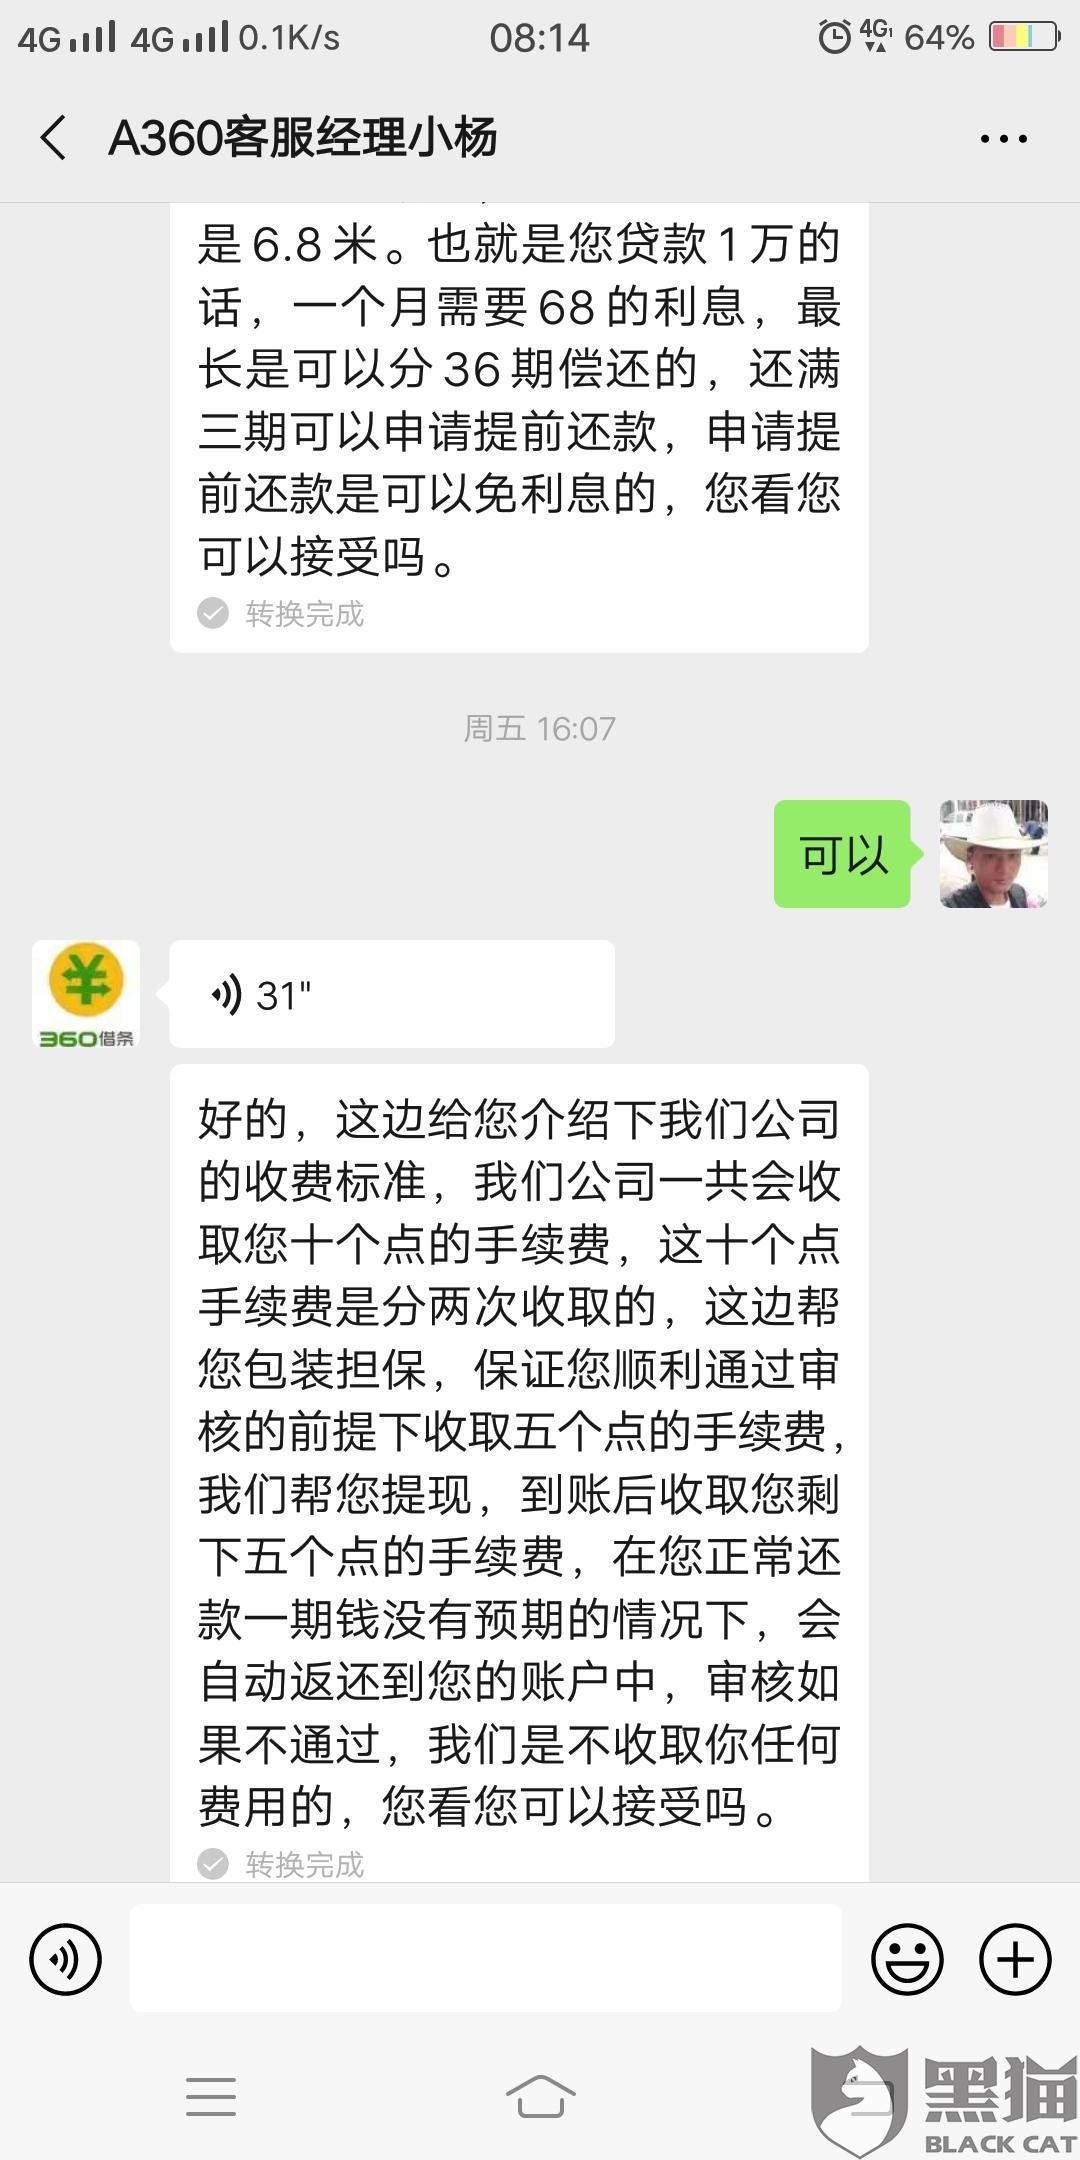 黑猫投诉:360借条北京奇虎科技有限公司